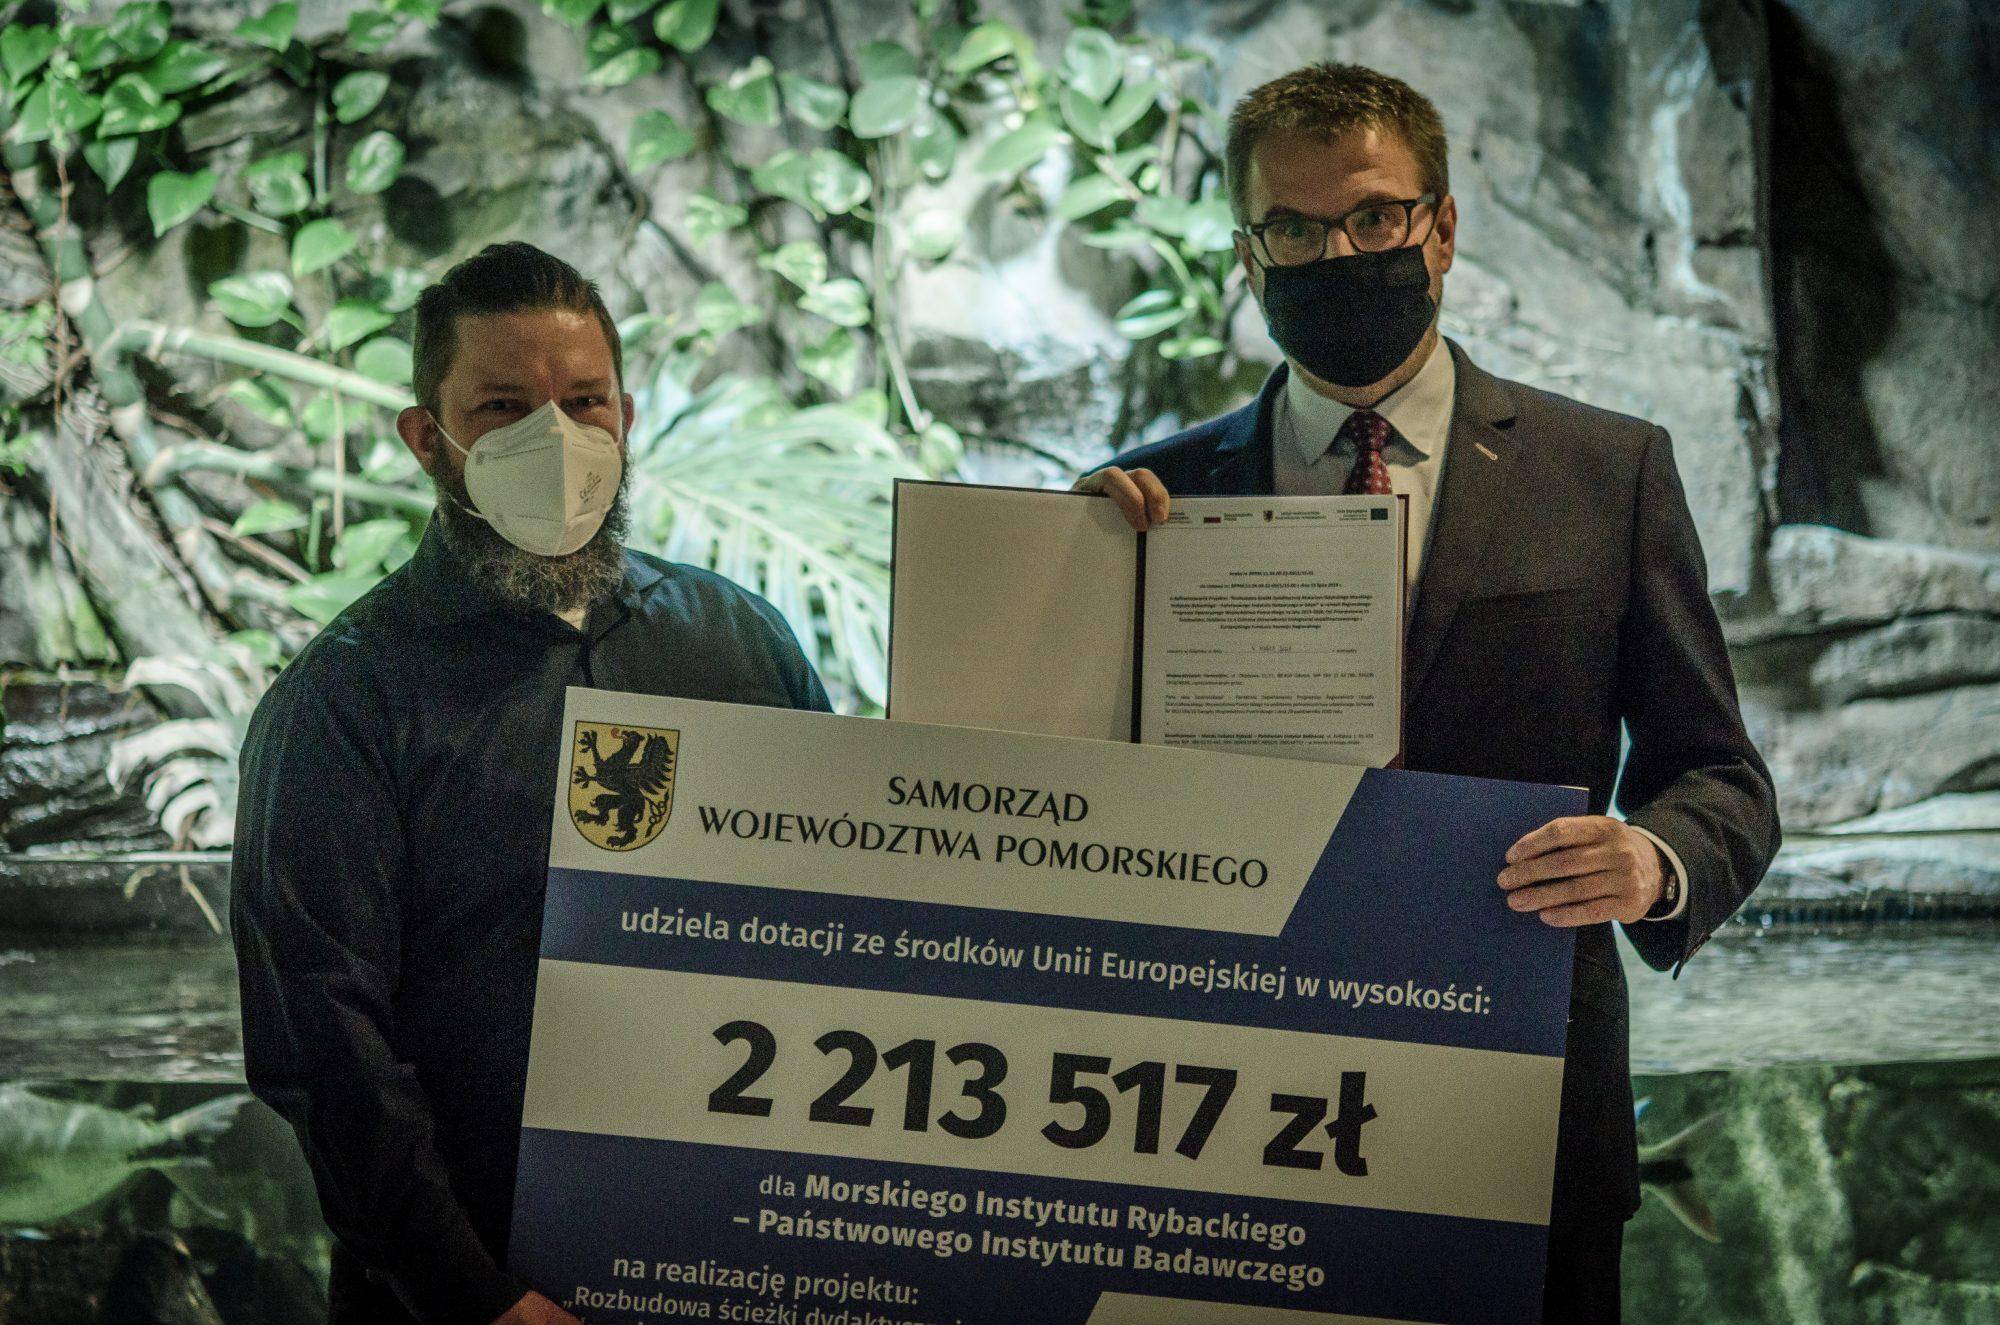 Wizyta wicemarszałka woj. Pomorskiego w Akwarium Gdyńskim. Fot. Weronika Podlesińska